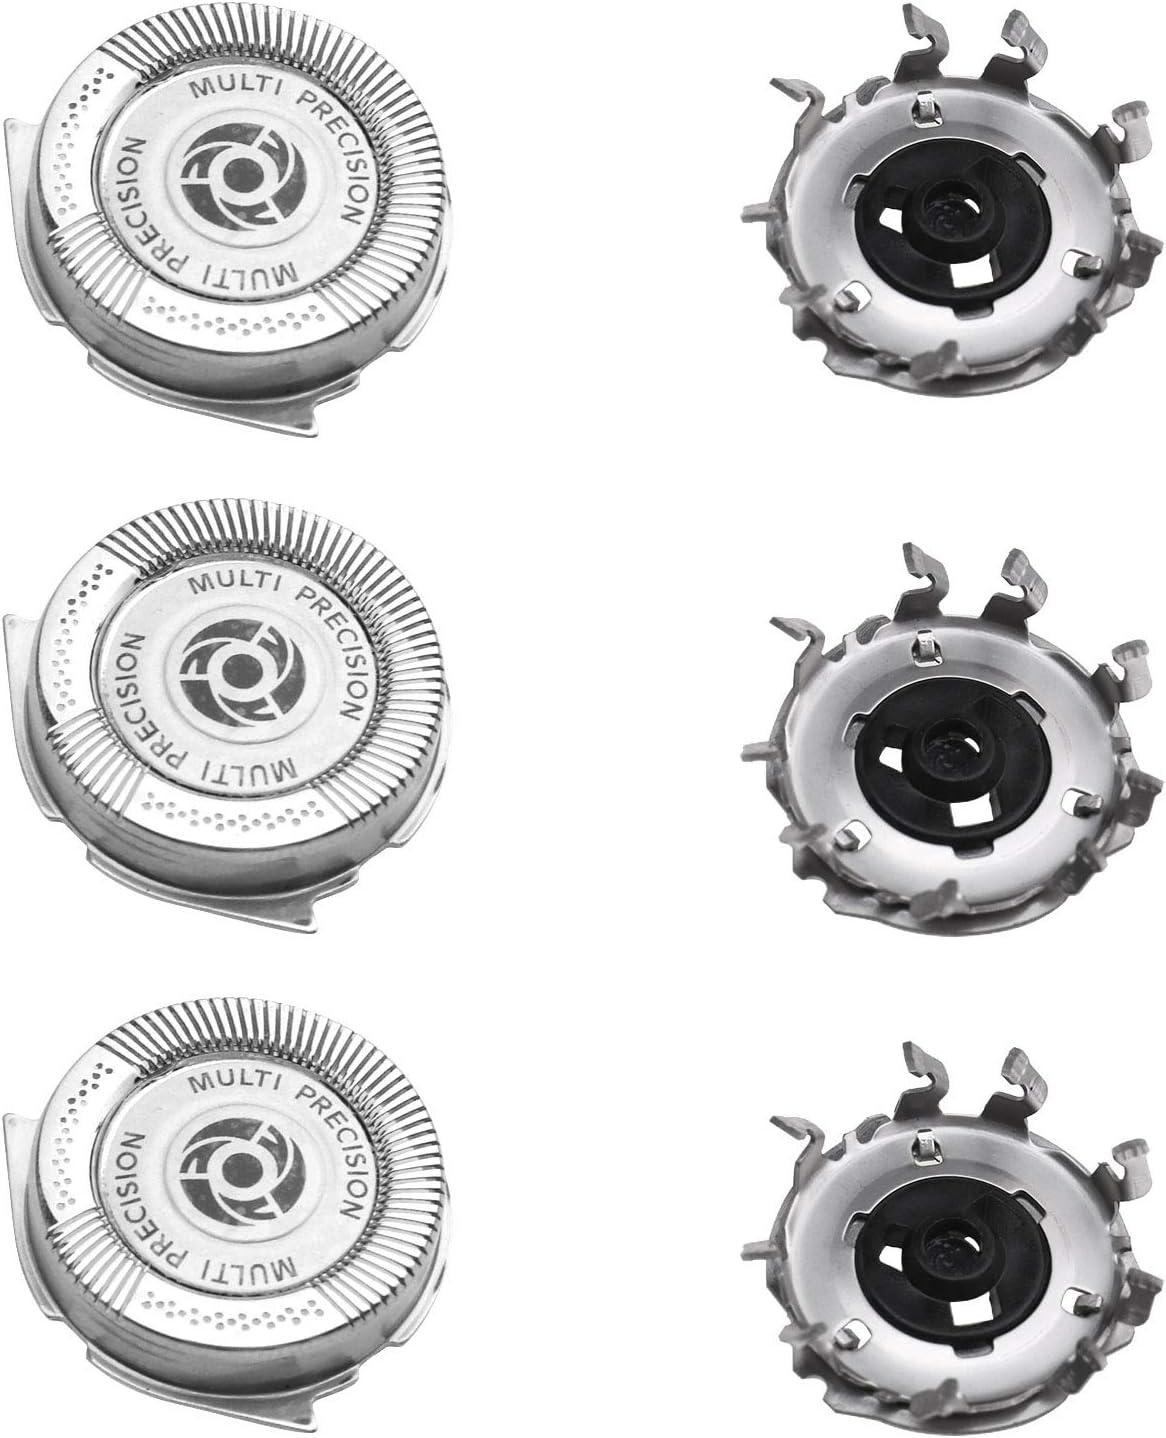 ENET HQ8 - Cabezales de Afeitado de Repuesto para Philips Norelco SH50 Series S5570 S5560 S5370 S5230 3X: Amazon.es ...